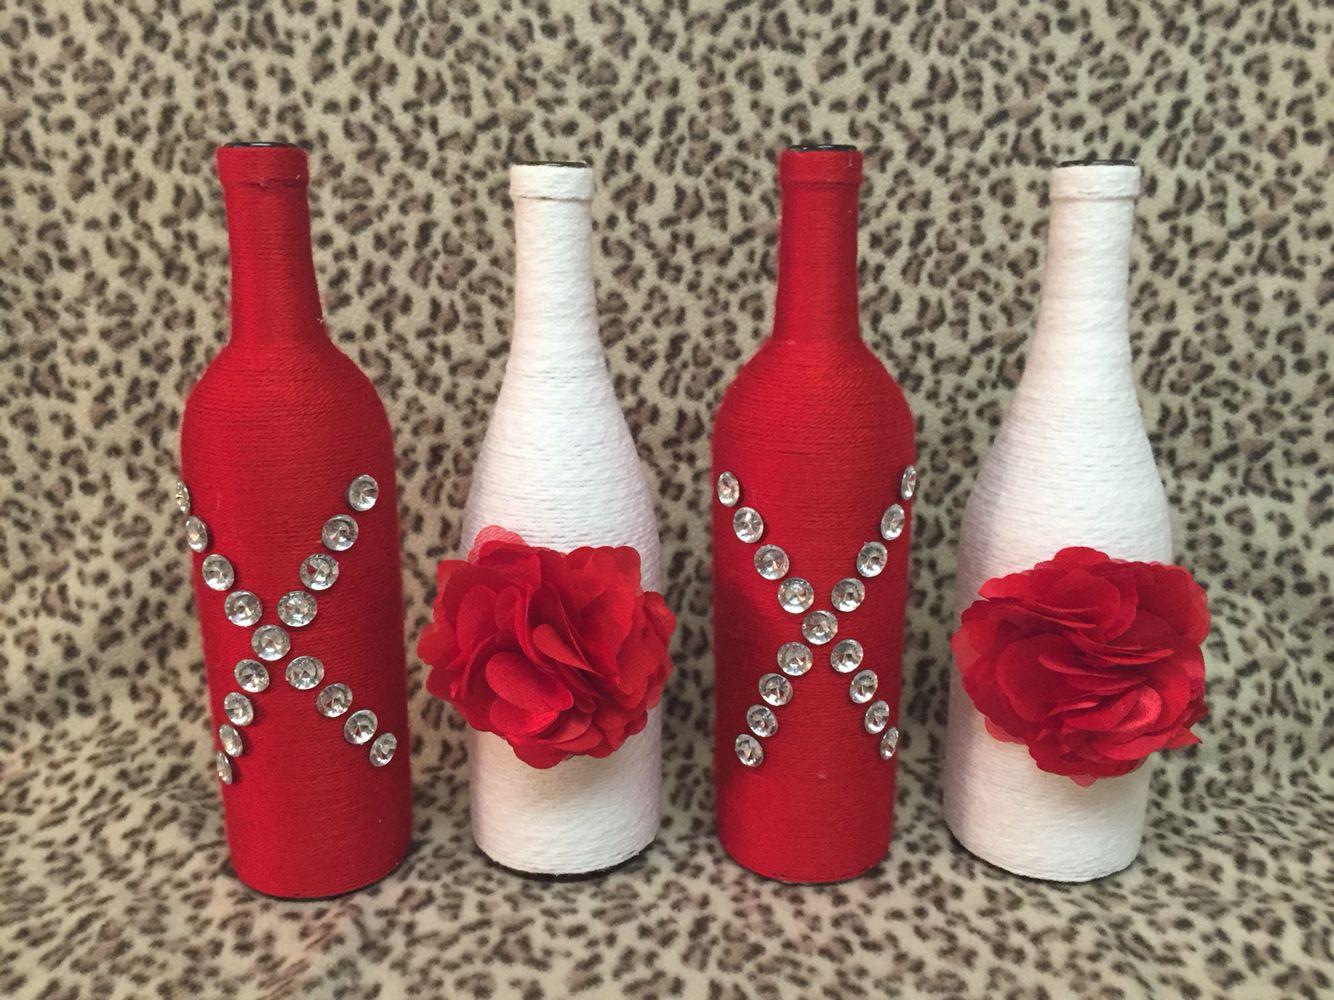 Valentines Day Themed Wine Bottle Decor Xoxo Valentines Wine Bottles Diy Valentine S Day Decorations Bottles Decoration